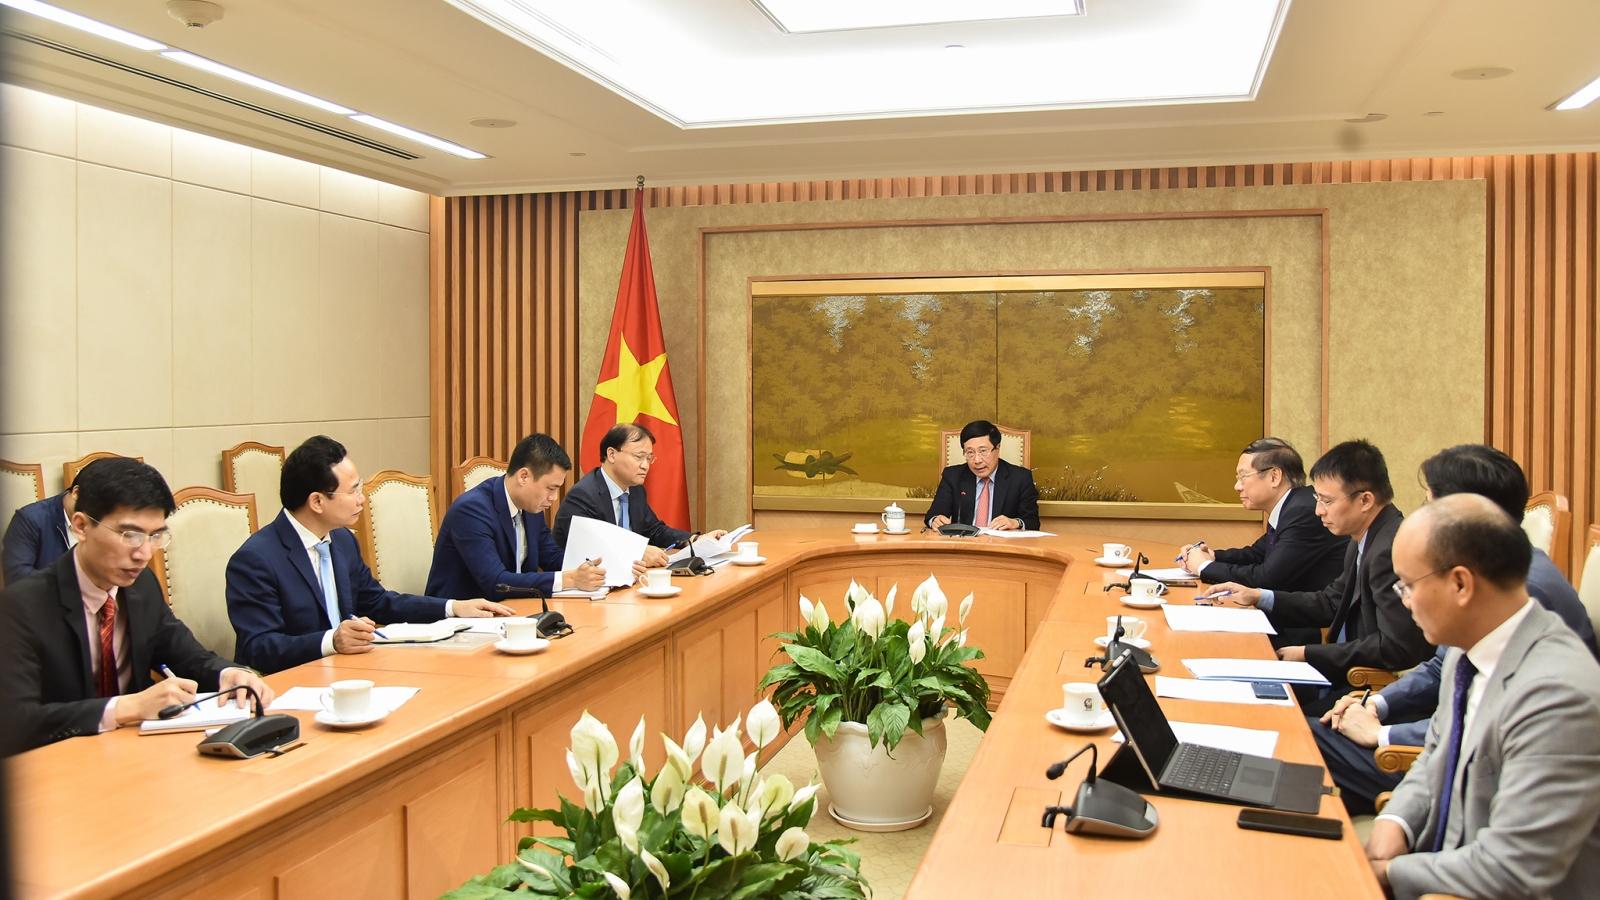 Việt Nam và Mỹ trao đổi trực tuyến về biến đổi khí hậu